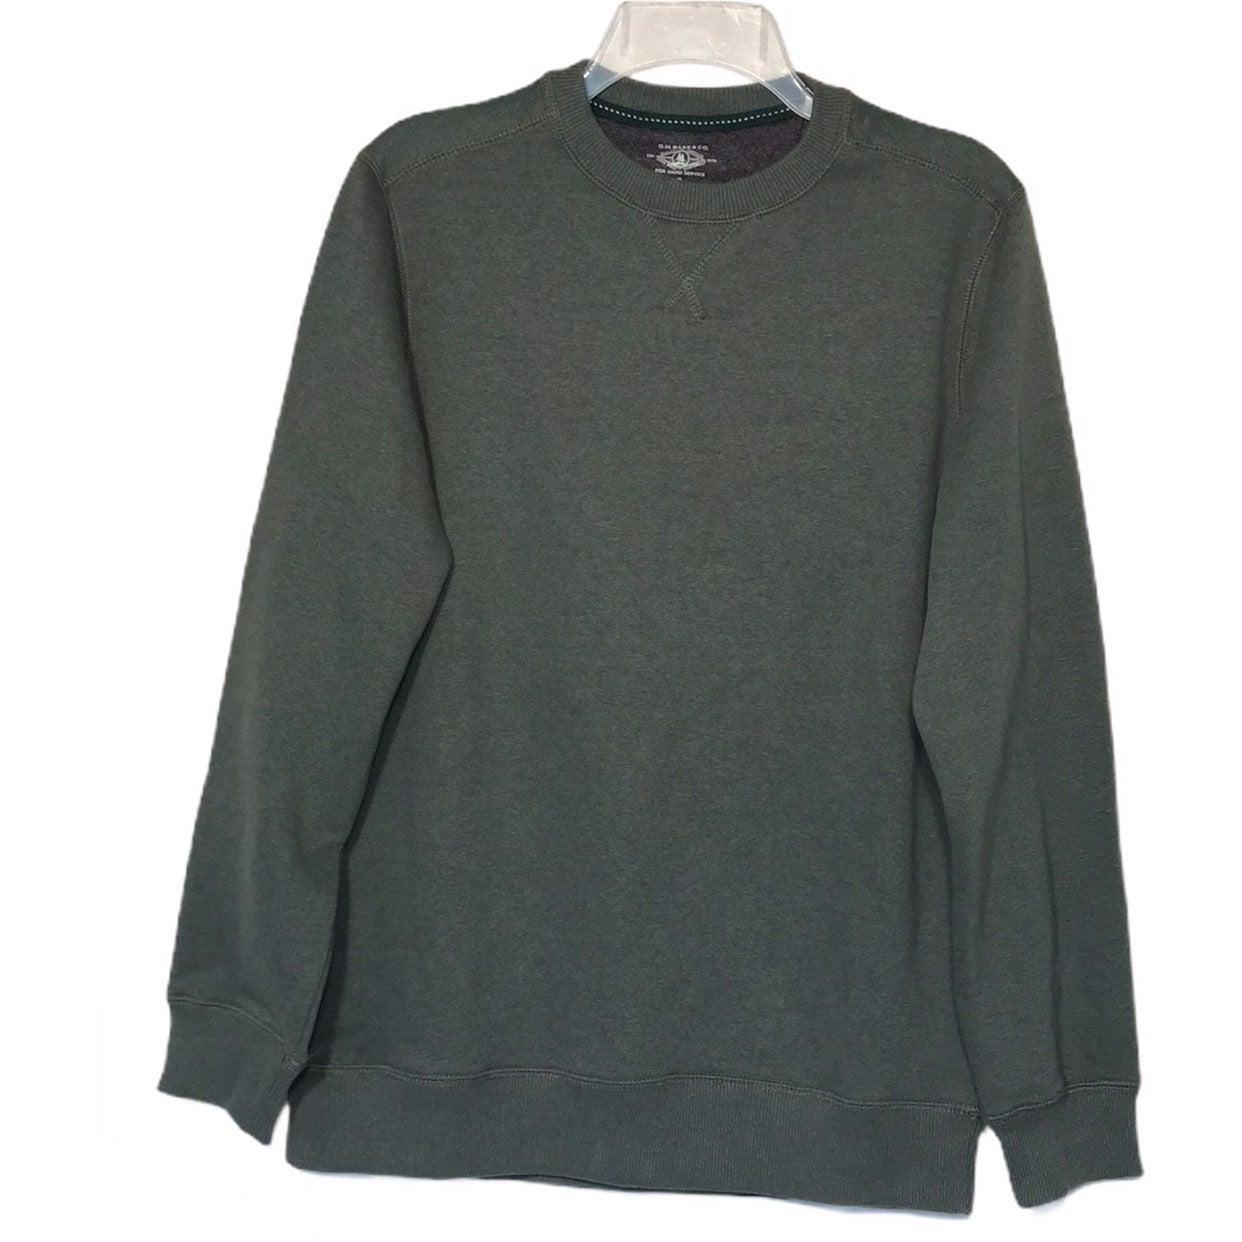 G.H. Bass Fleece Lined Sweatshirt